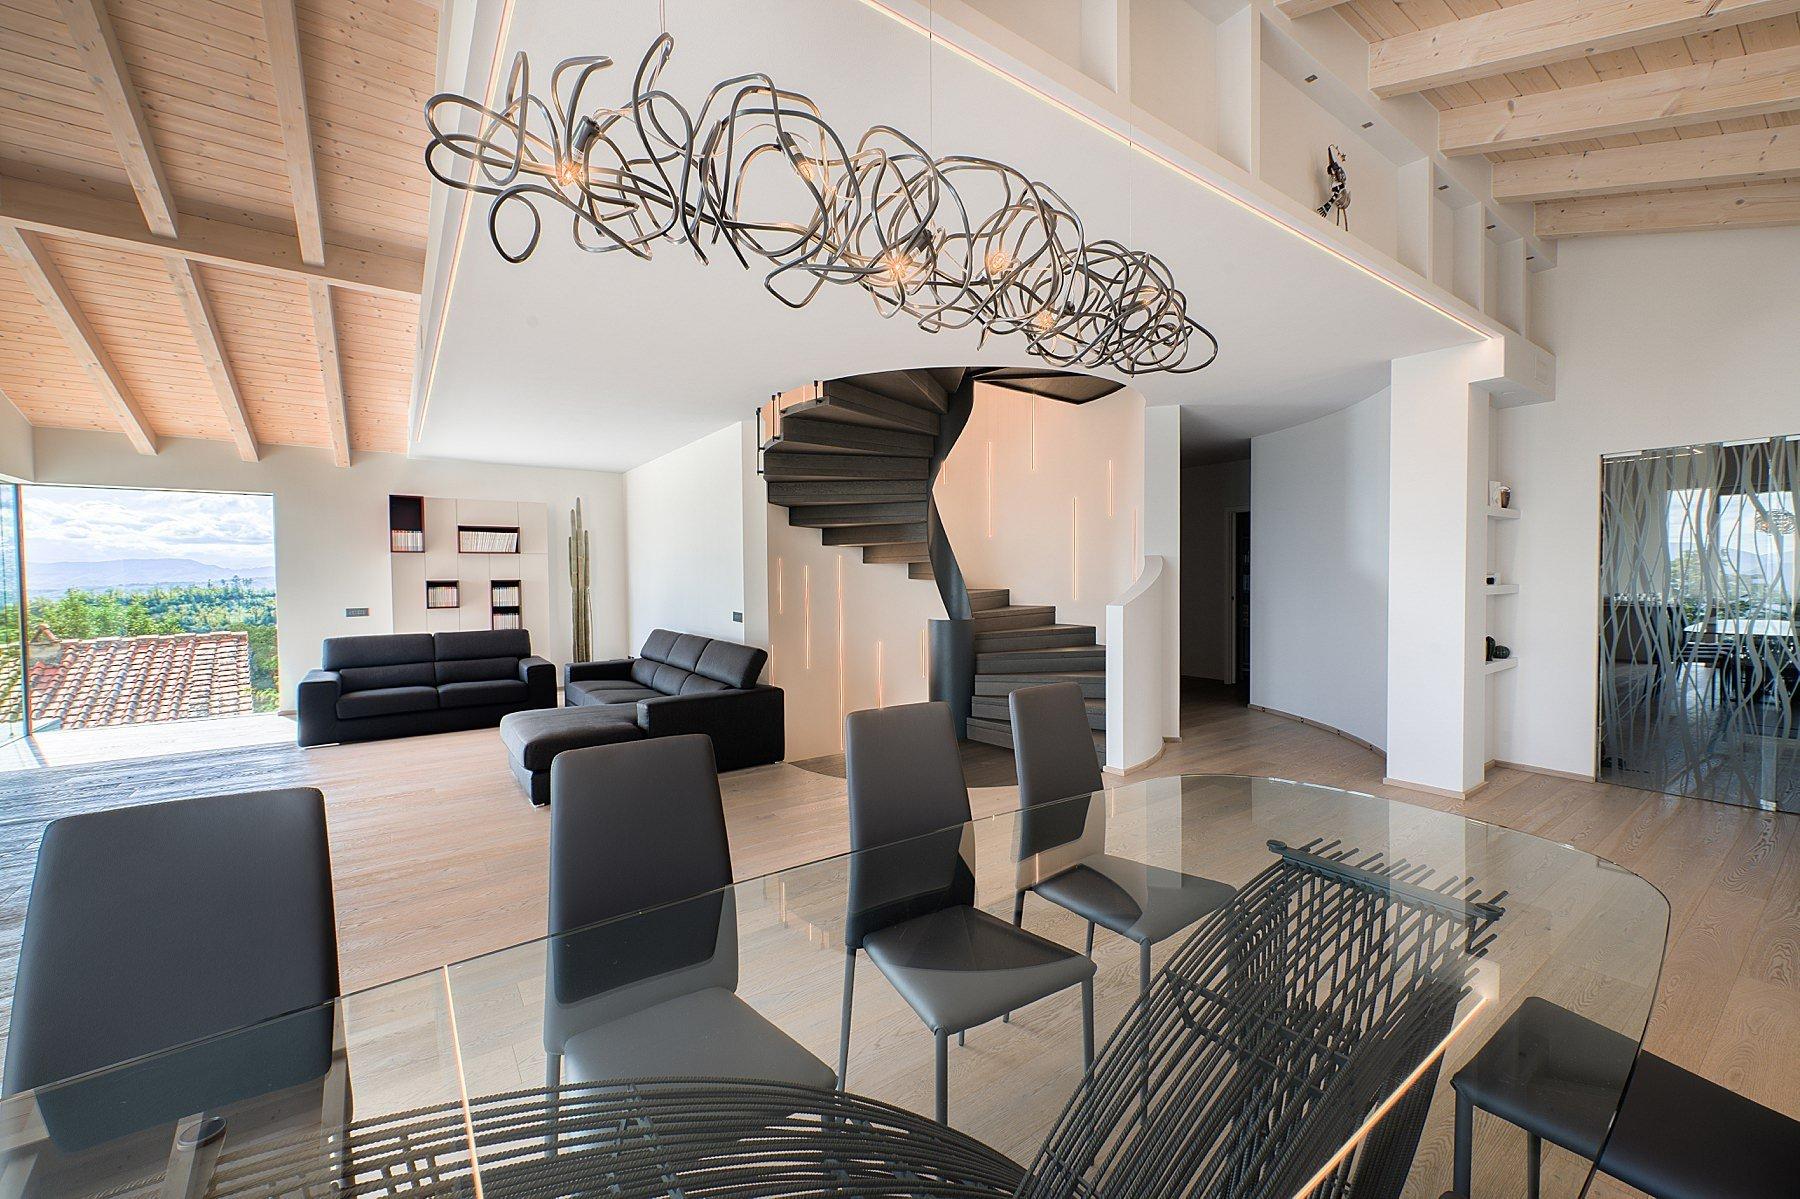 fotografia di design e architettura in toscana